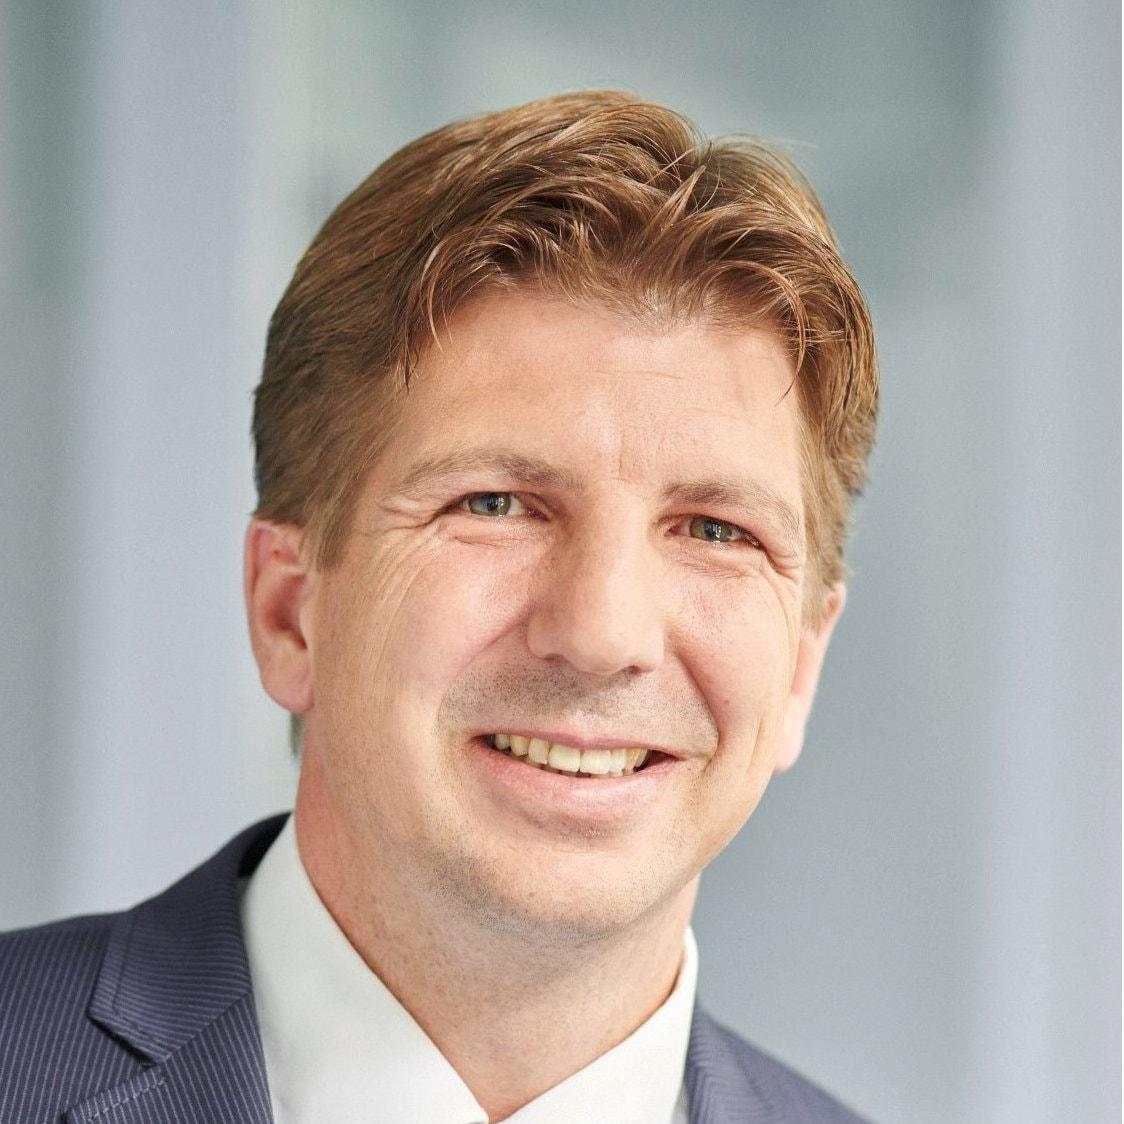 Marco Schriber